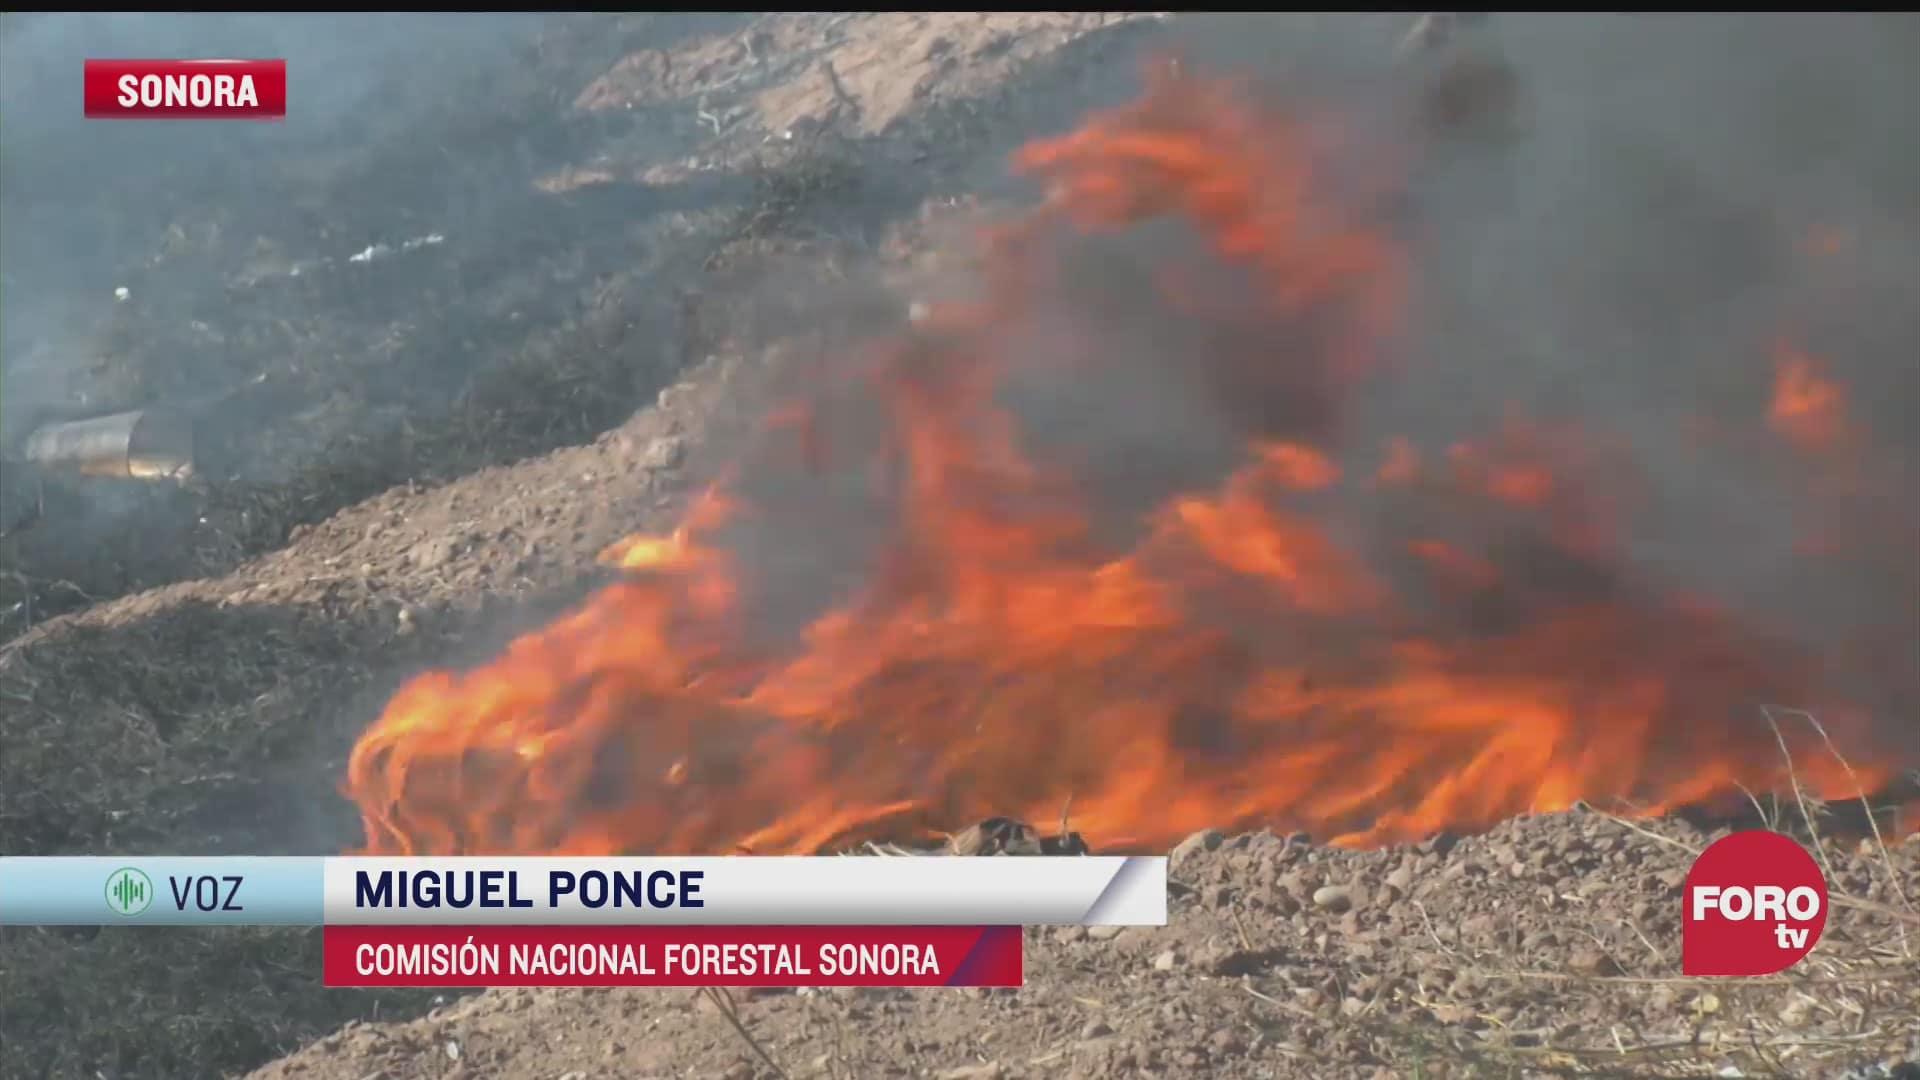 continuan incendios forestales en sonora